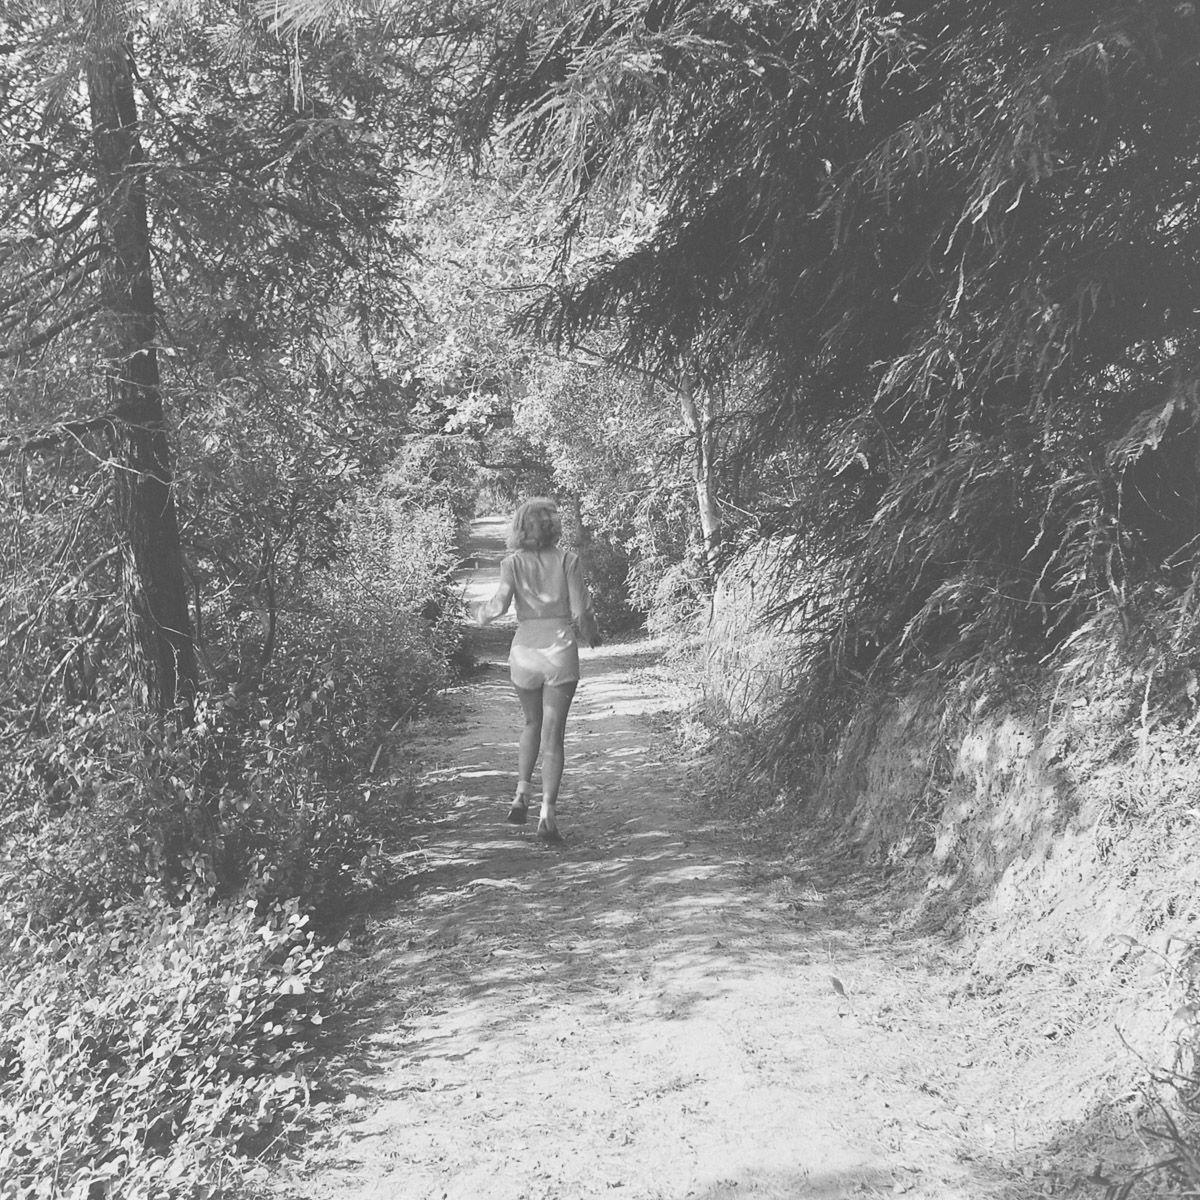 Fotos raras de Marilyn Monroe caminhando no bosque antes de ser famosa 13